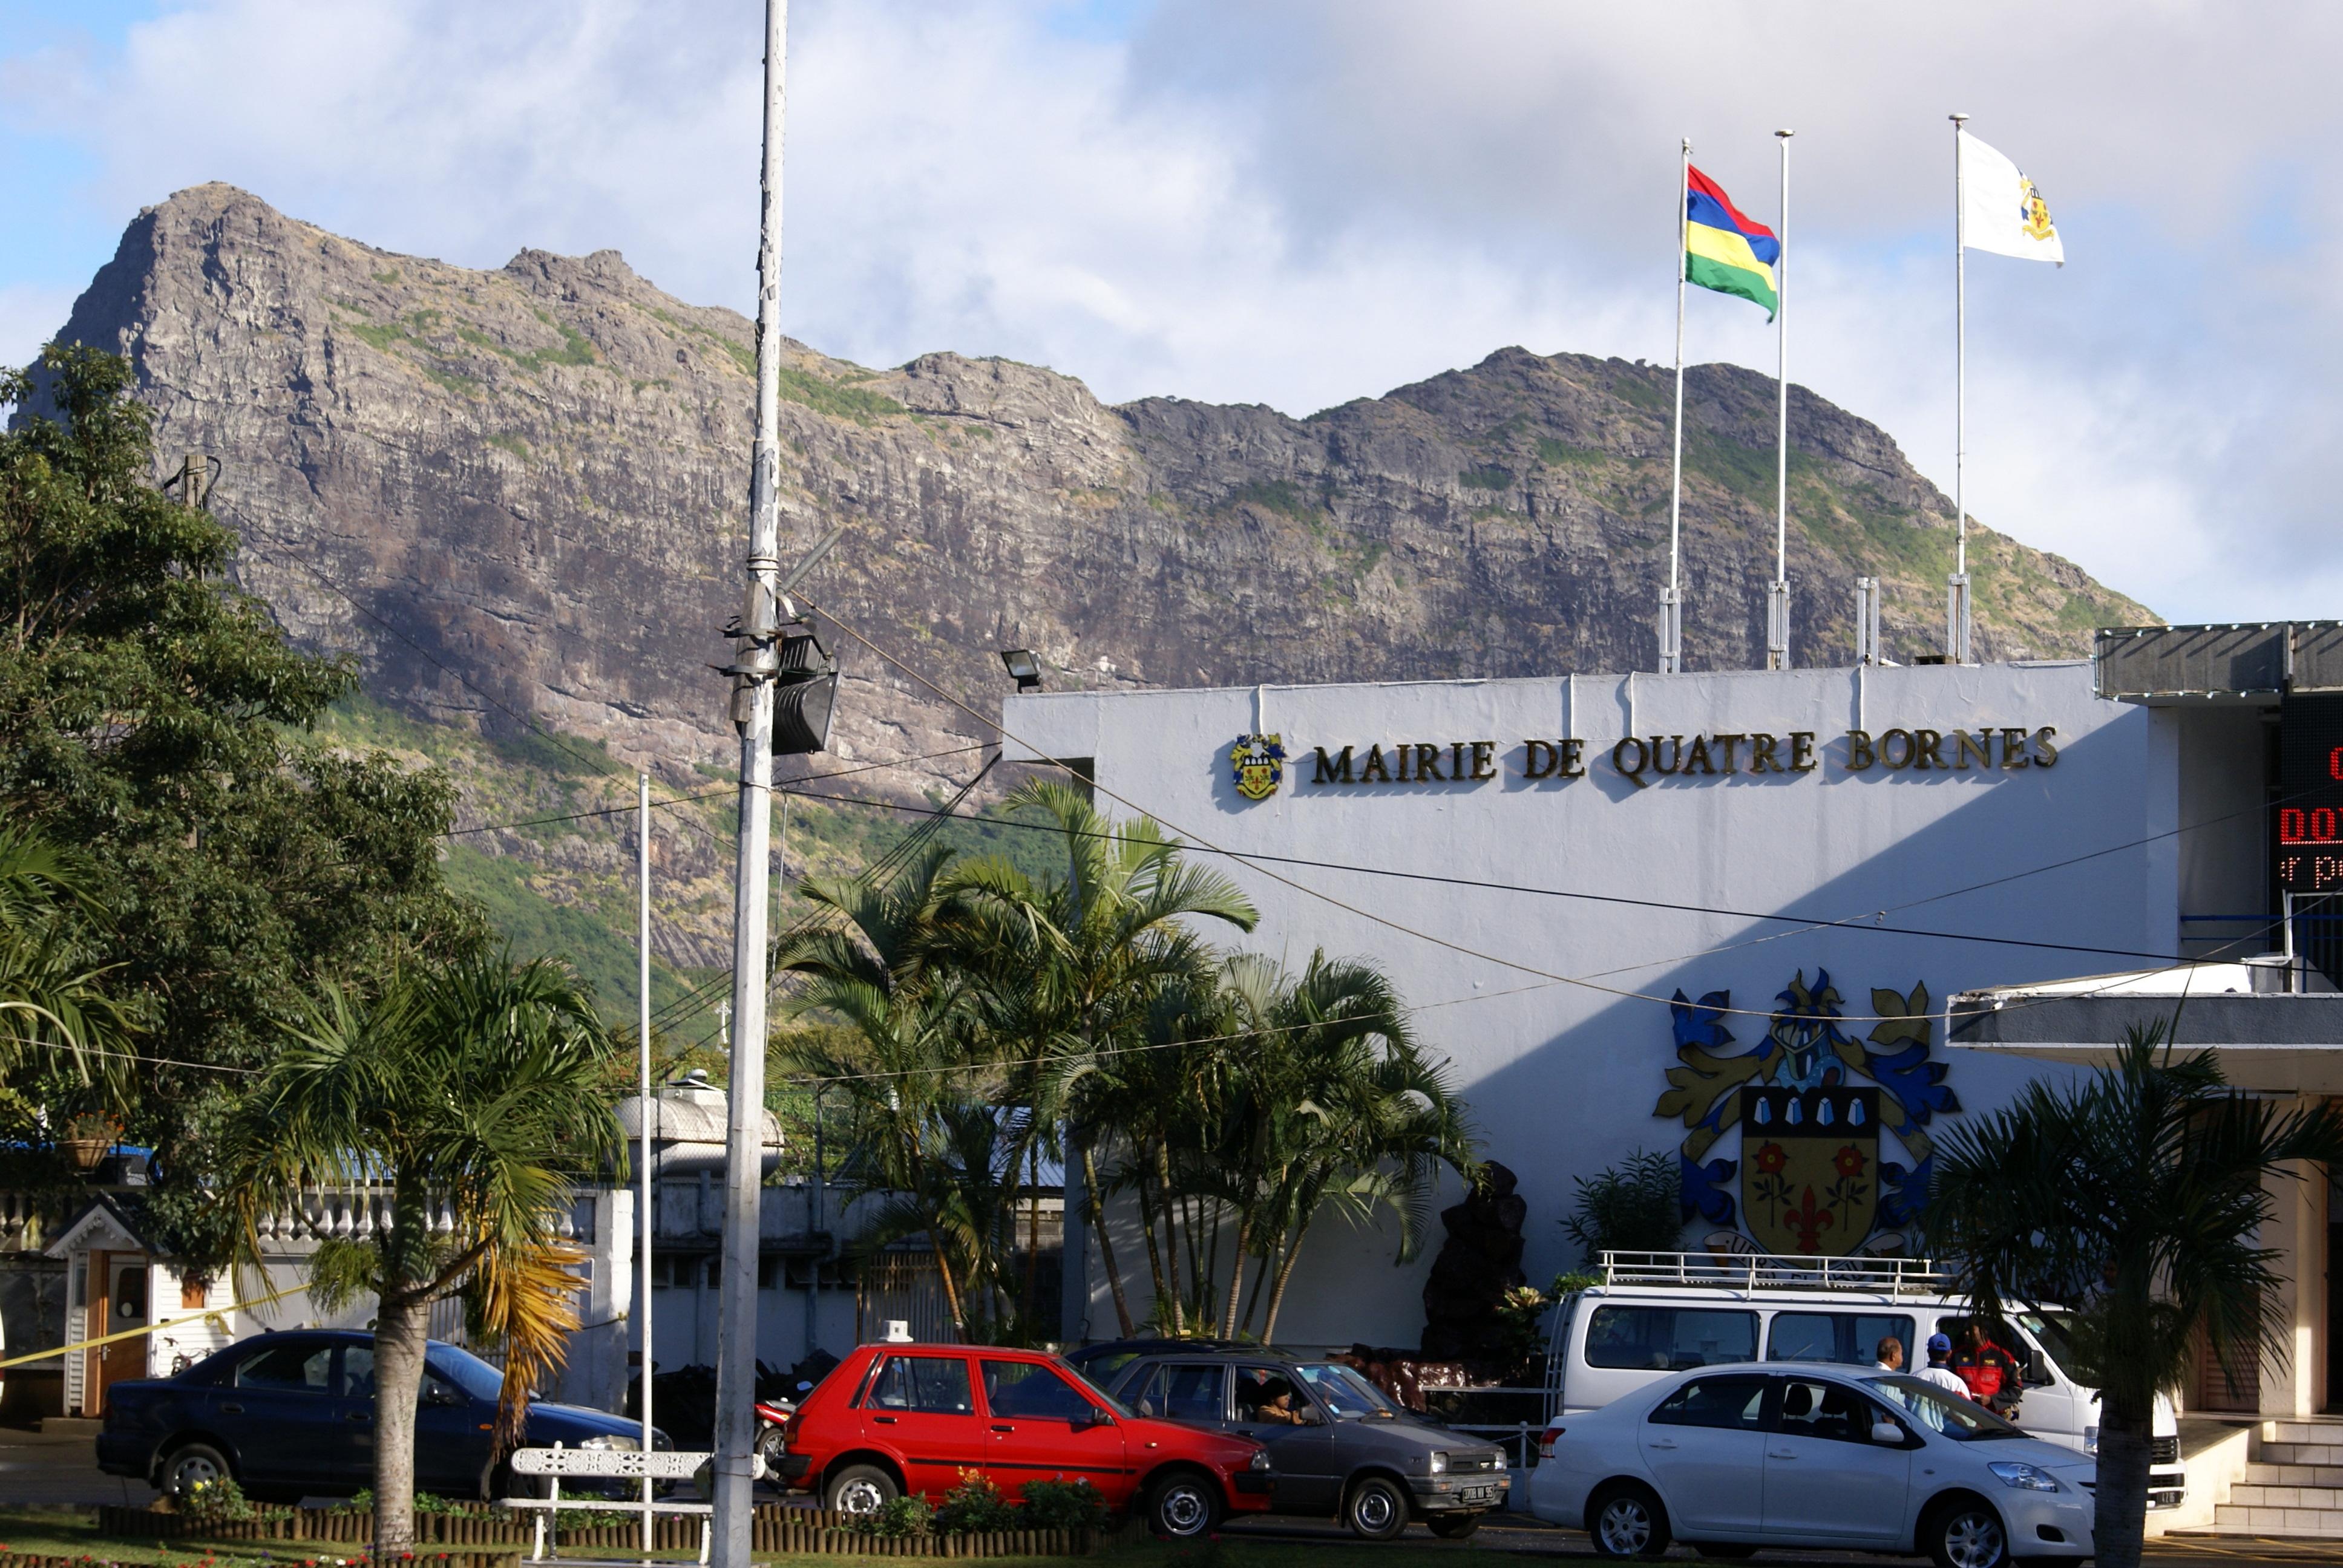 Mauritius_QuatreBornes_Mairie.JPG (3872×2592)